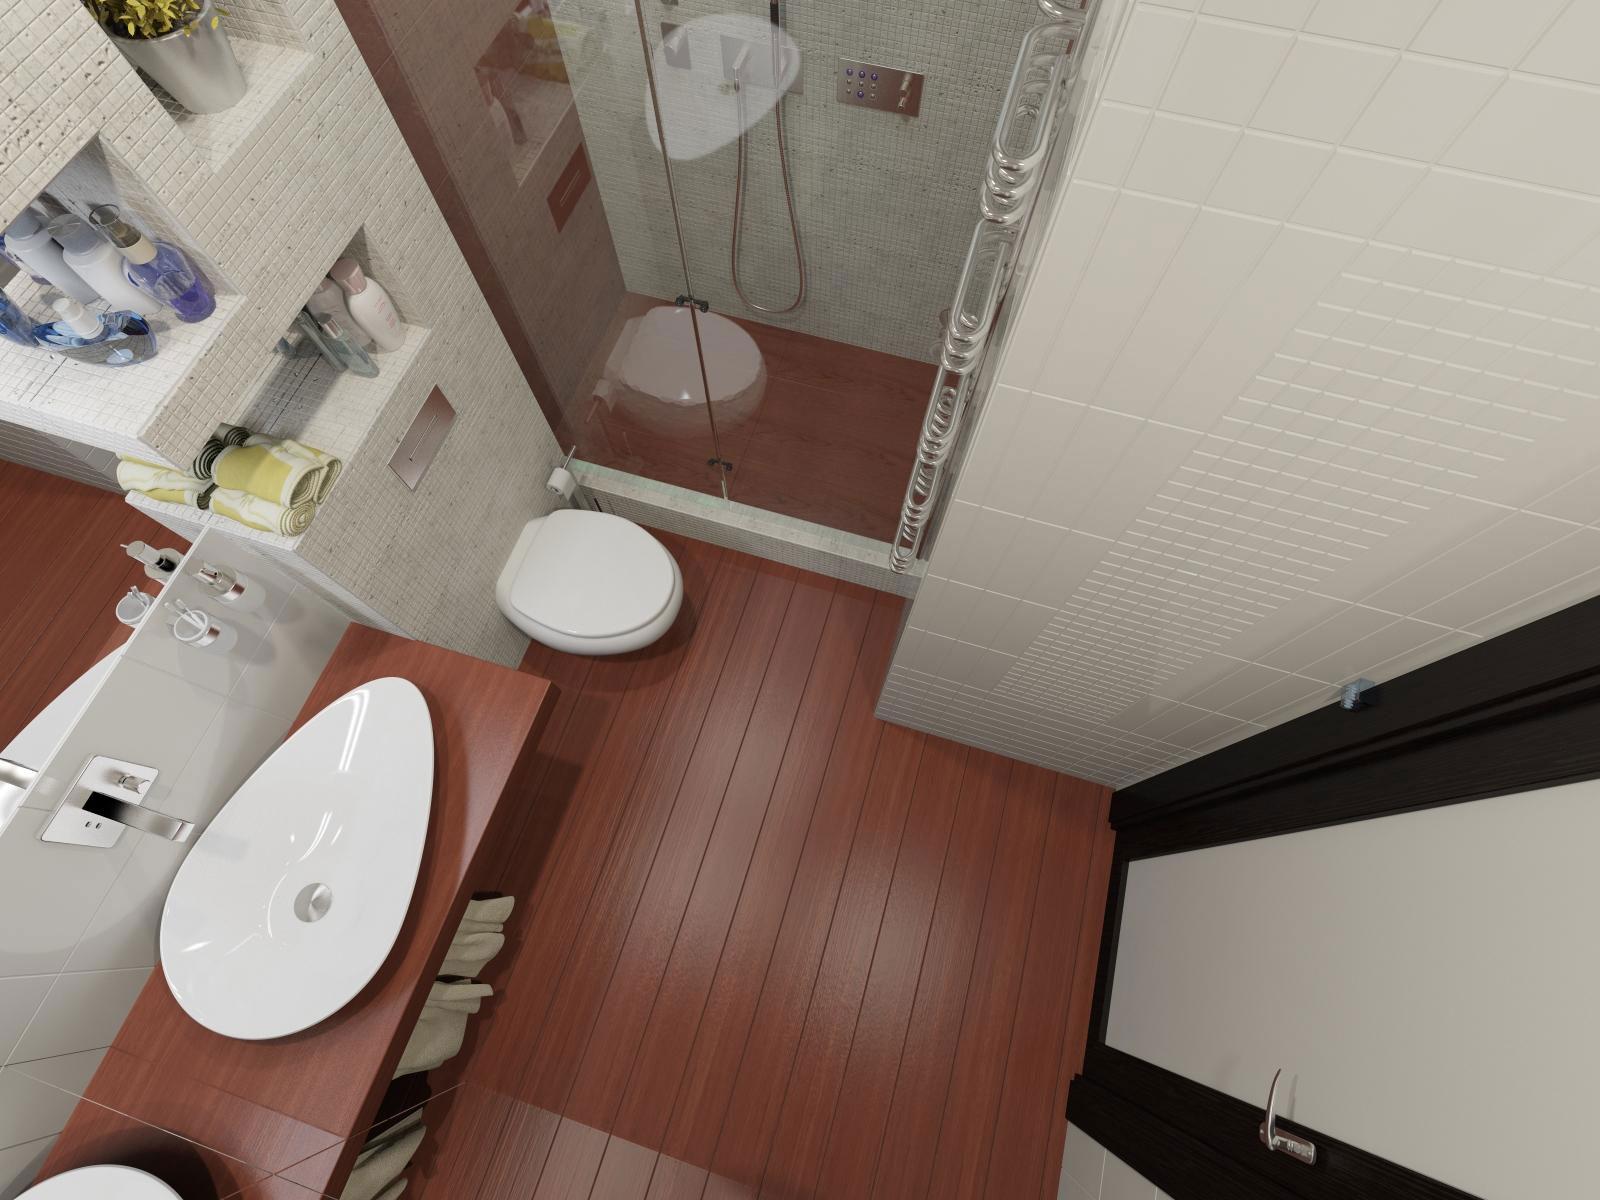 Красивое оформление интерьера квартиры в стиле минимализм